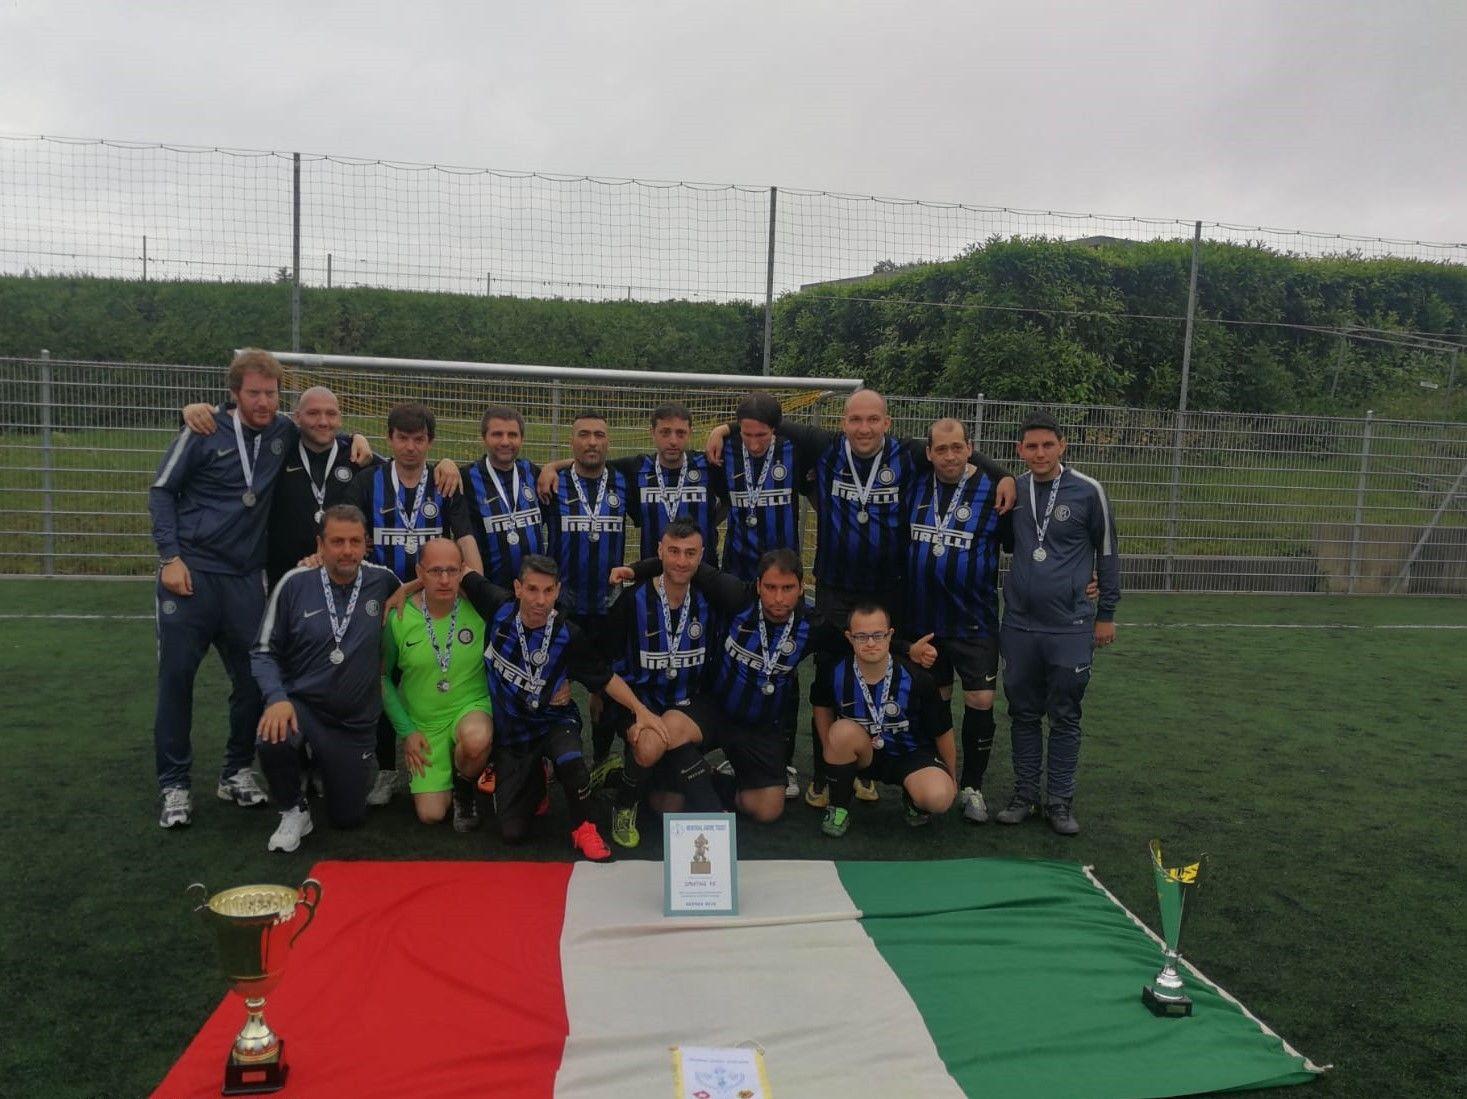 Una vittoria speciale per i ragazzi della squadra di Quarta Categoria